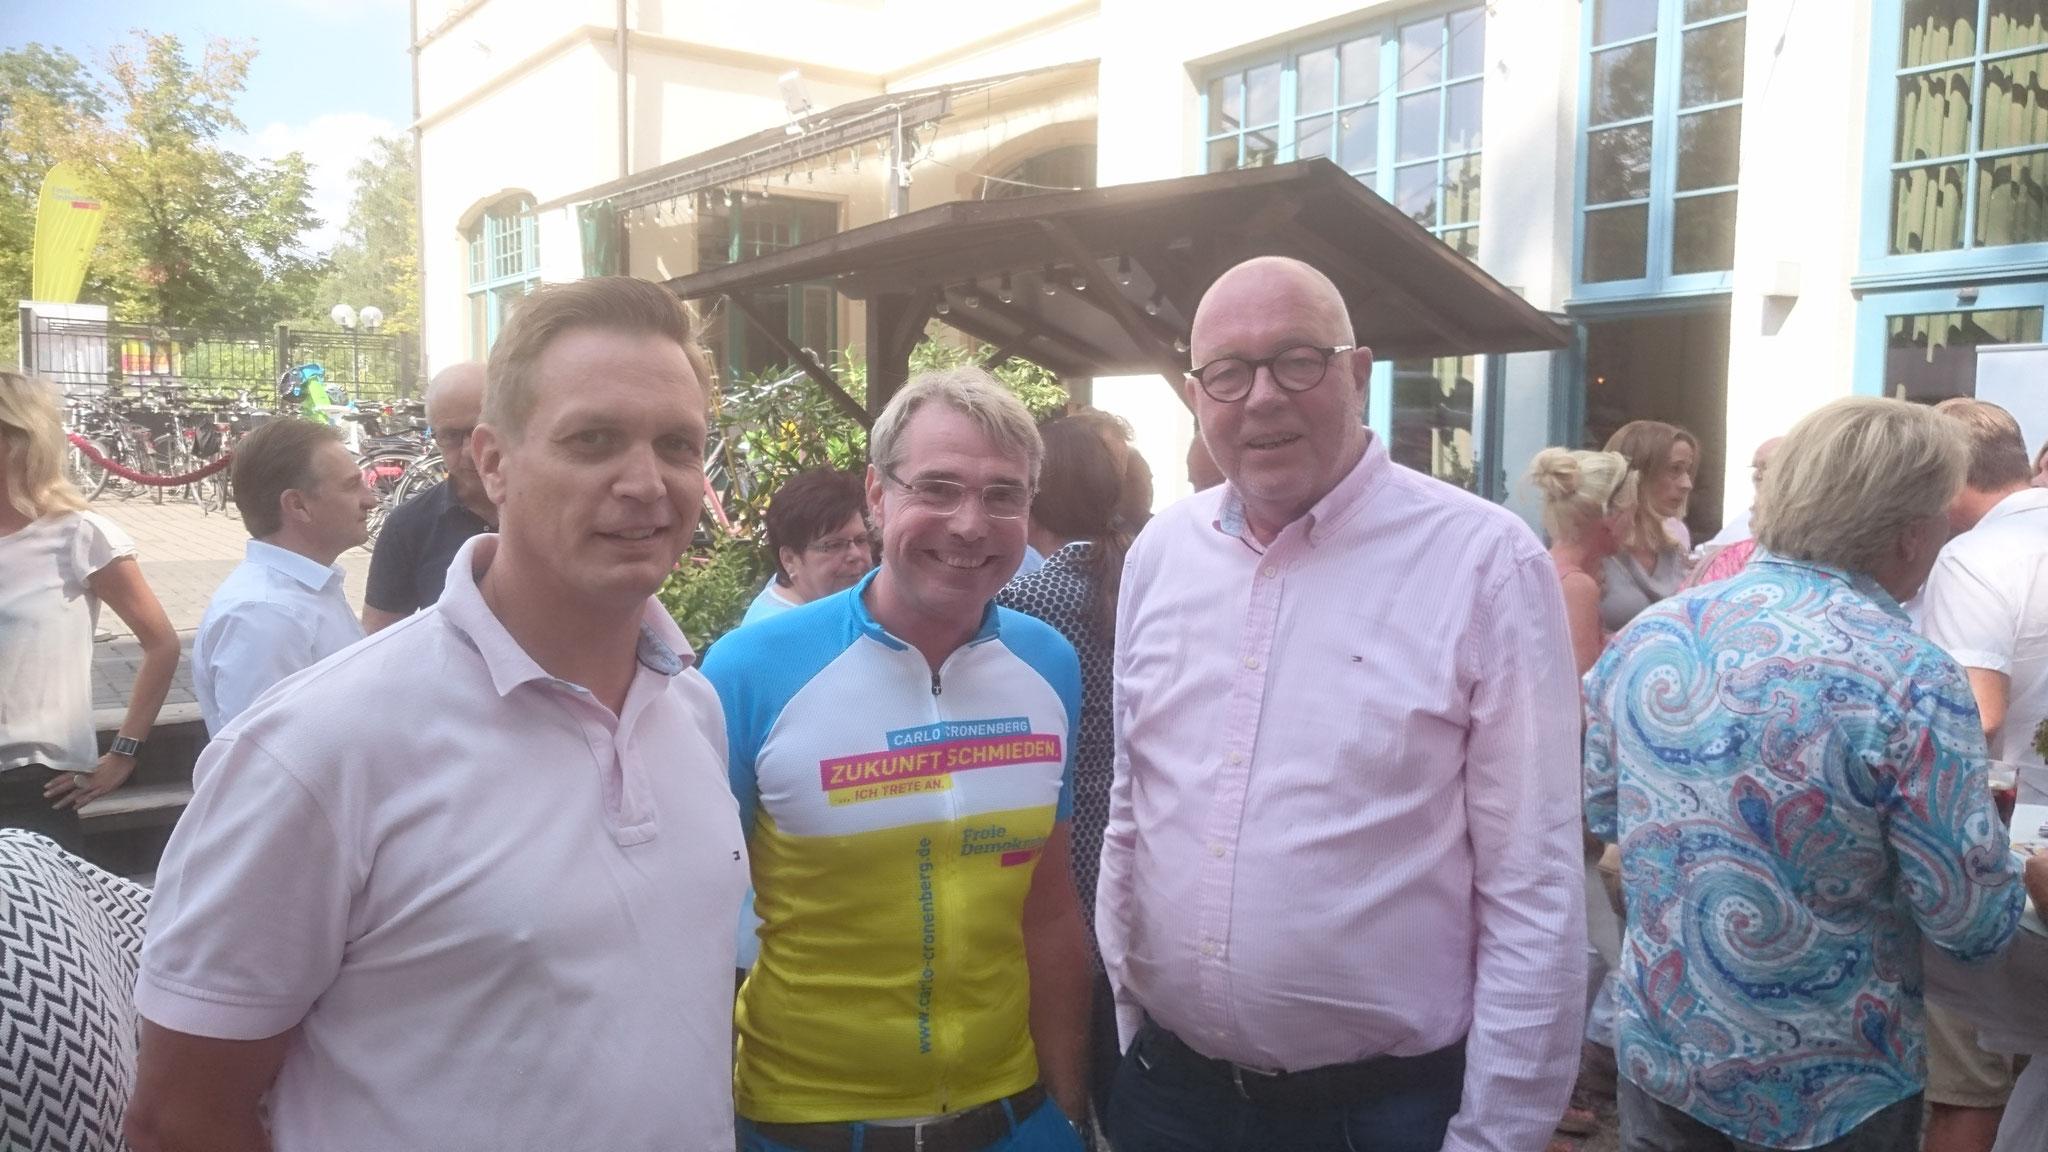 von links nach rechts: Arno Zurbrüggen, Carlo Cronenberg (FDP Direktkandidat im Hochsauerlandkreis), Hans-Gerd Völker